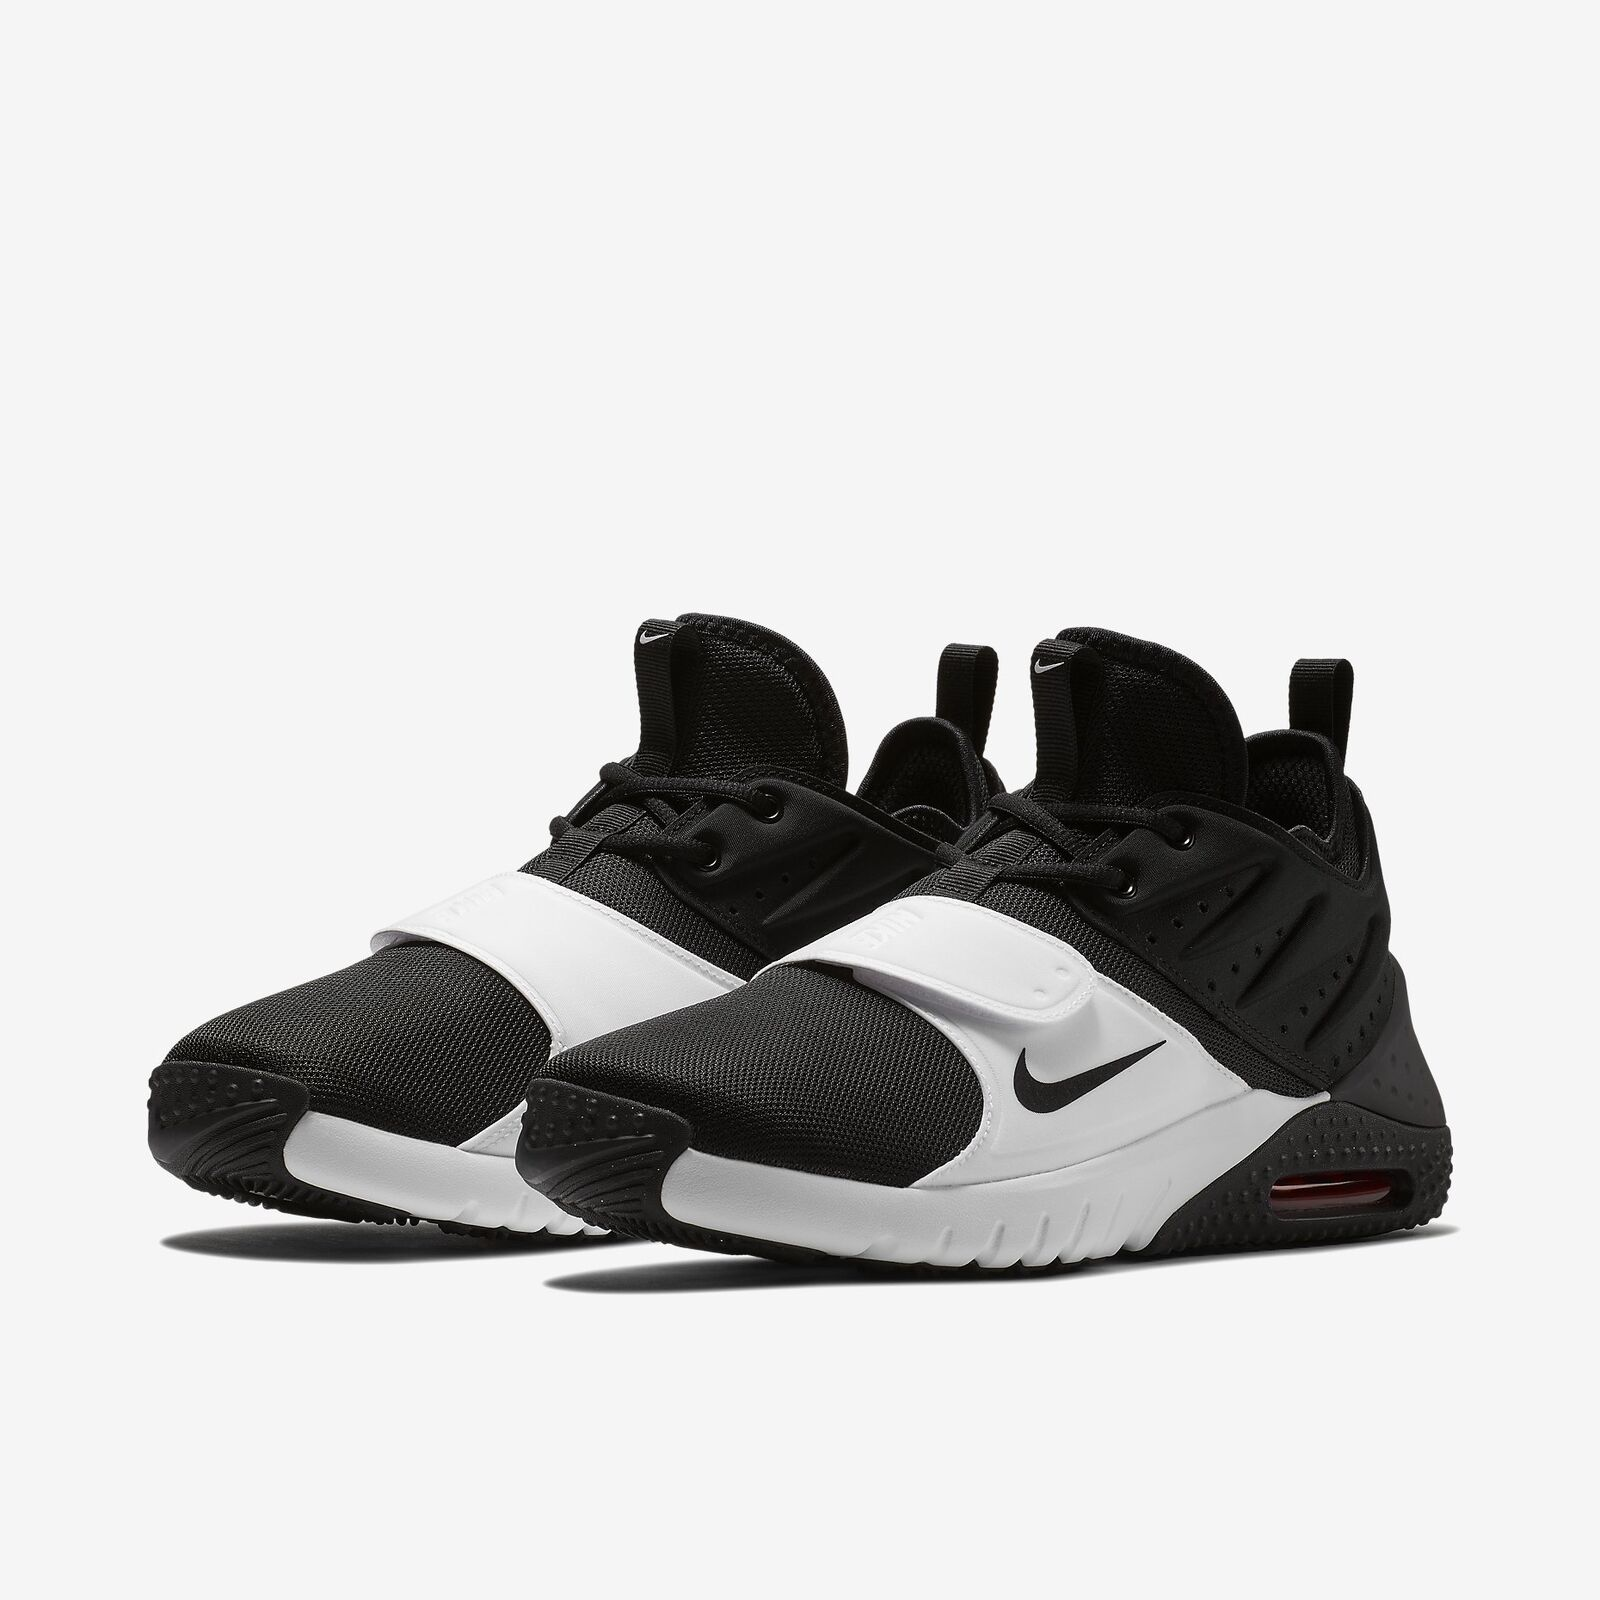 Nike air max allenatore nero / bianco formazione retro croce 1 nuova formazione bianco Uomo 62cdf0